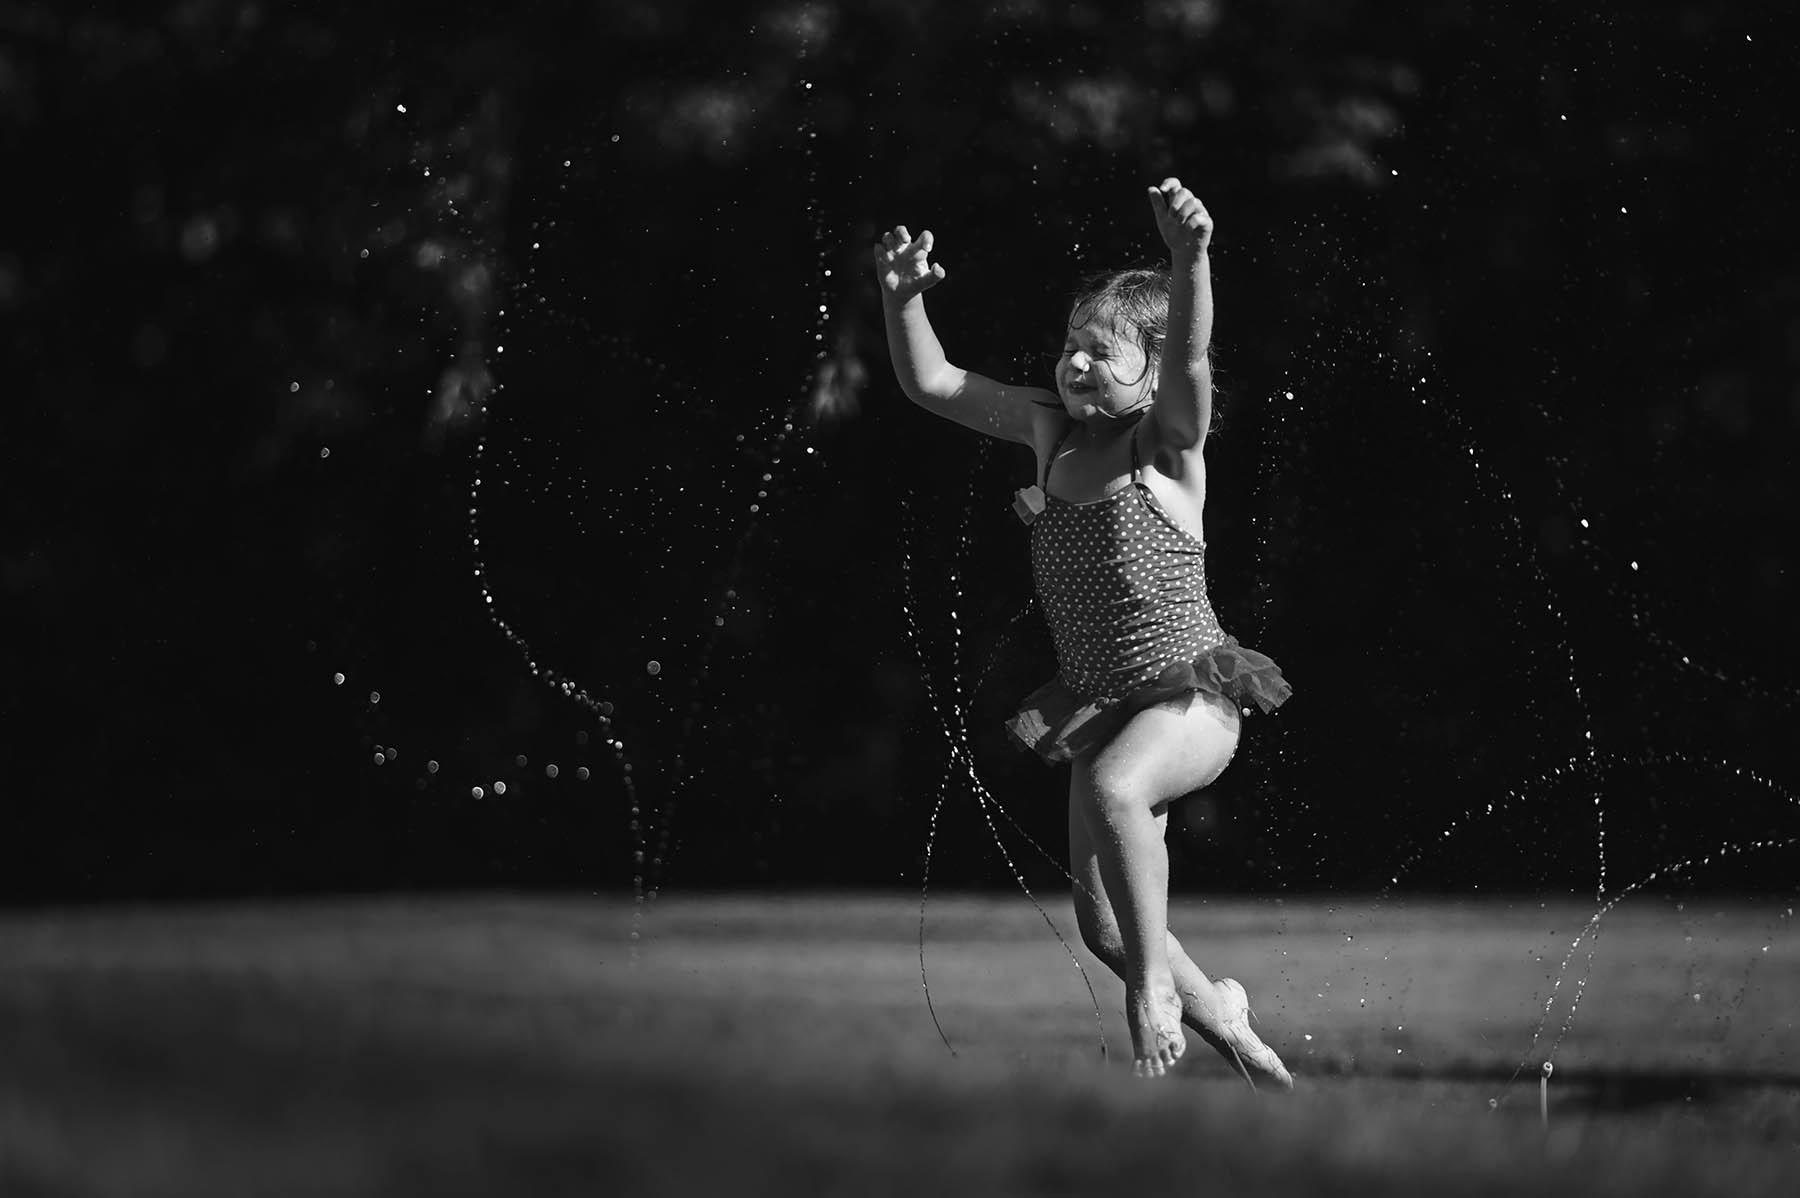 black and white photo of girl running through sprinkler